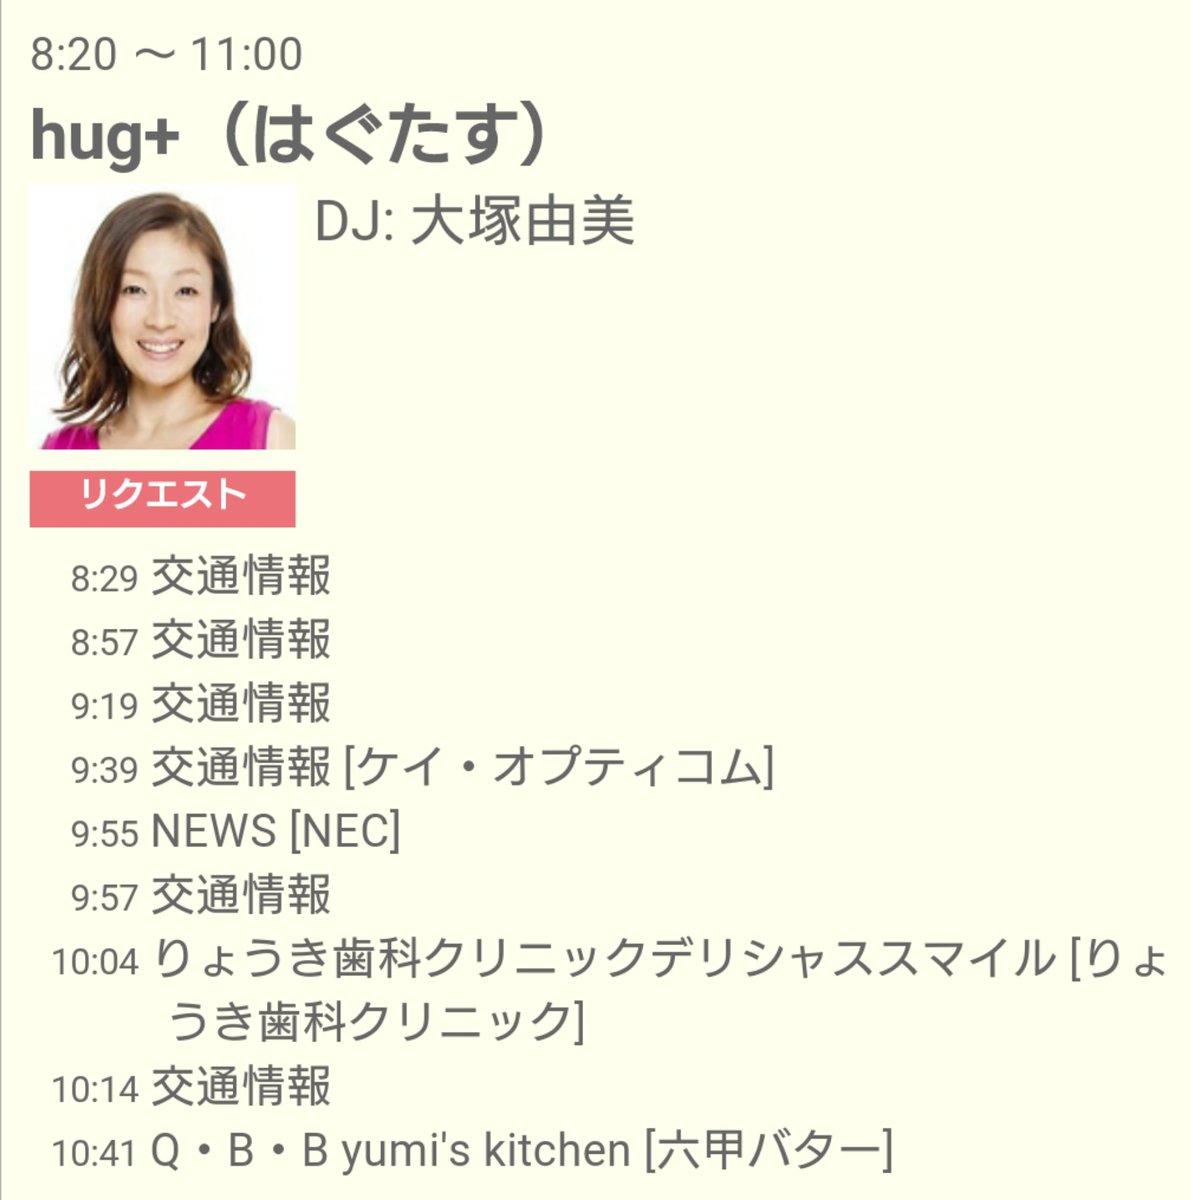 画像: hug+はぐたす(@hug_FMOSAKA)さん   Twitter twitter.com